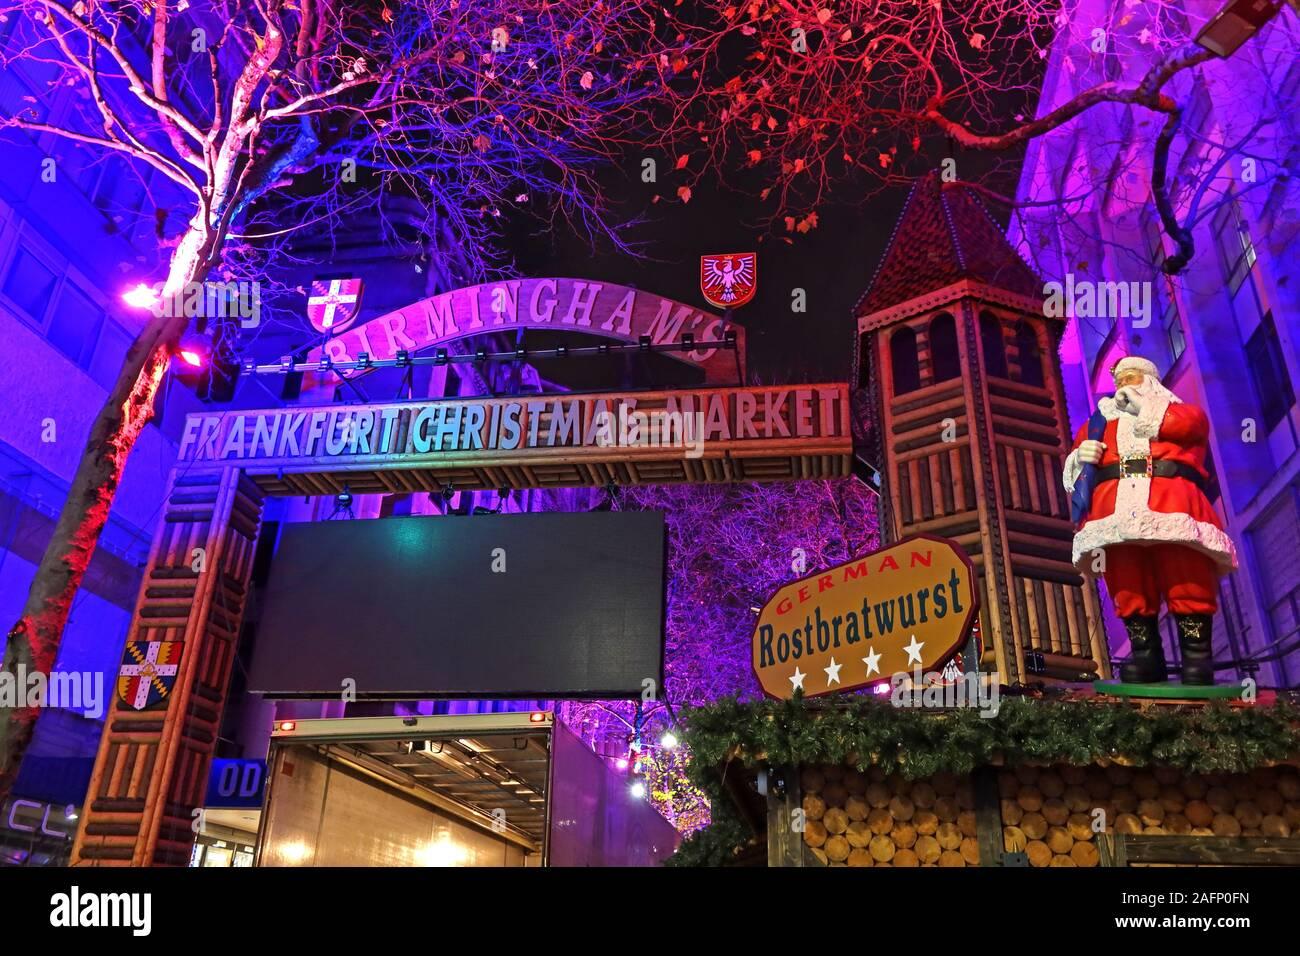 Dieses Stockfoto: Birmingham Frankfurt Deutscher Weihnachtsmarkt in der Nacht, New Street, Birmingham, West Midlands, England, UK, B 2 4 QS-Santa Rostbratwurst - 2AFP0F